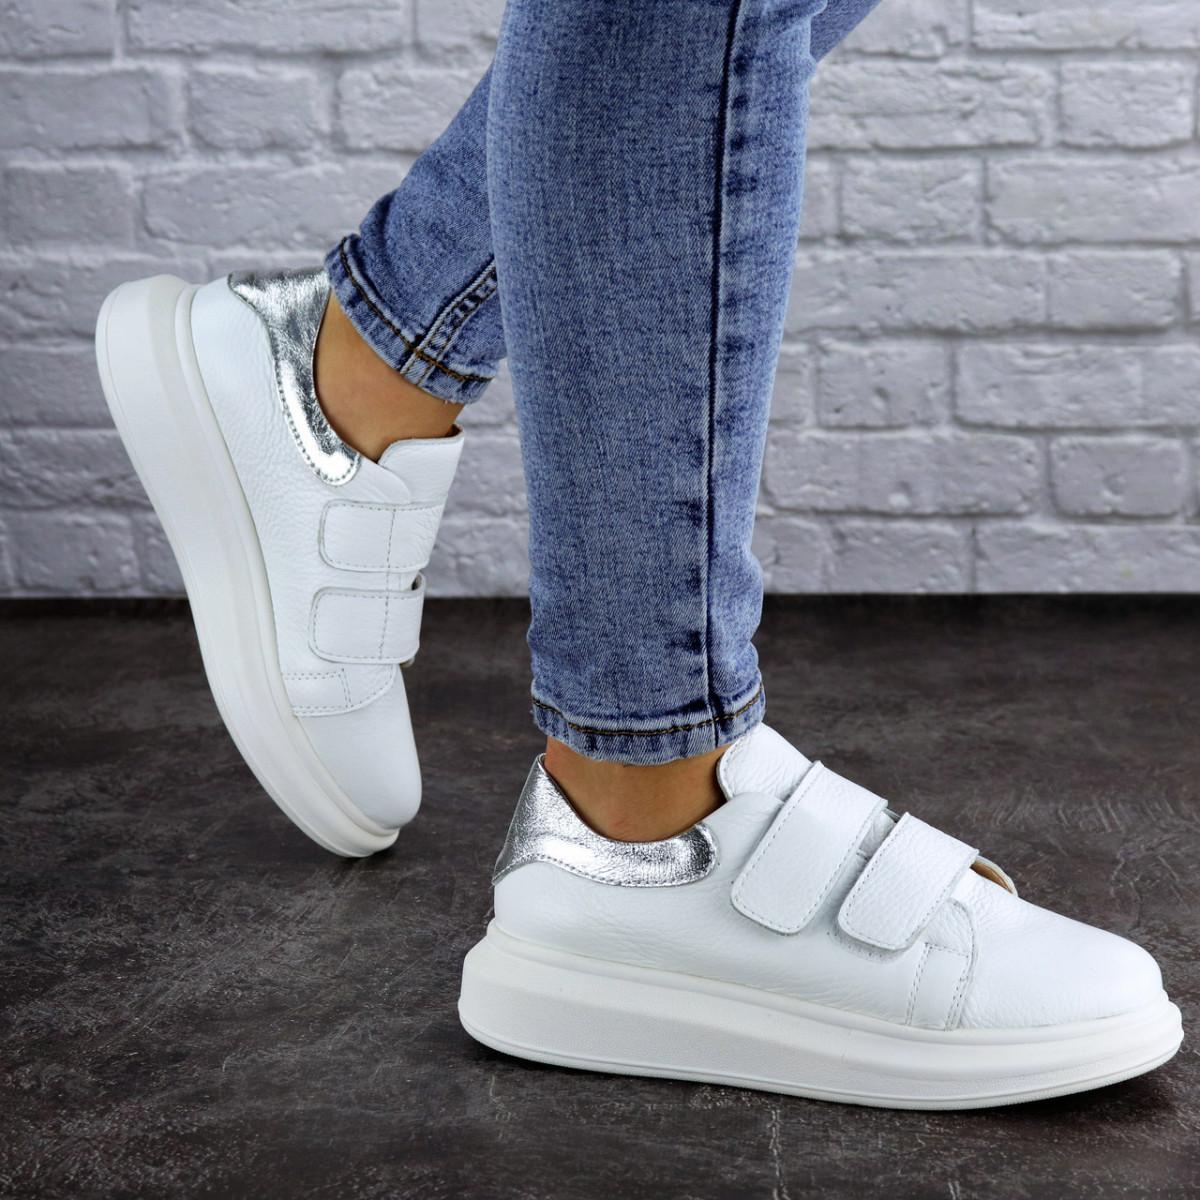 Кроссовки женские кожаные белые Beast 2106 (36 размер)